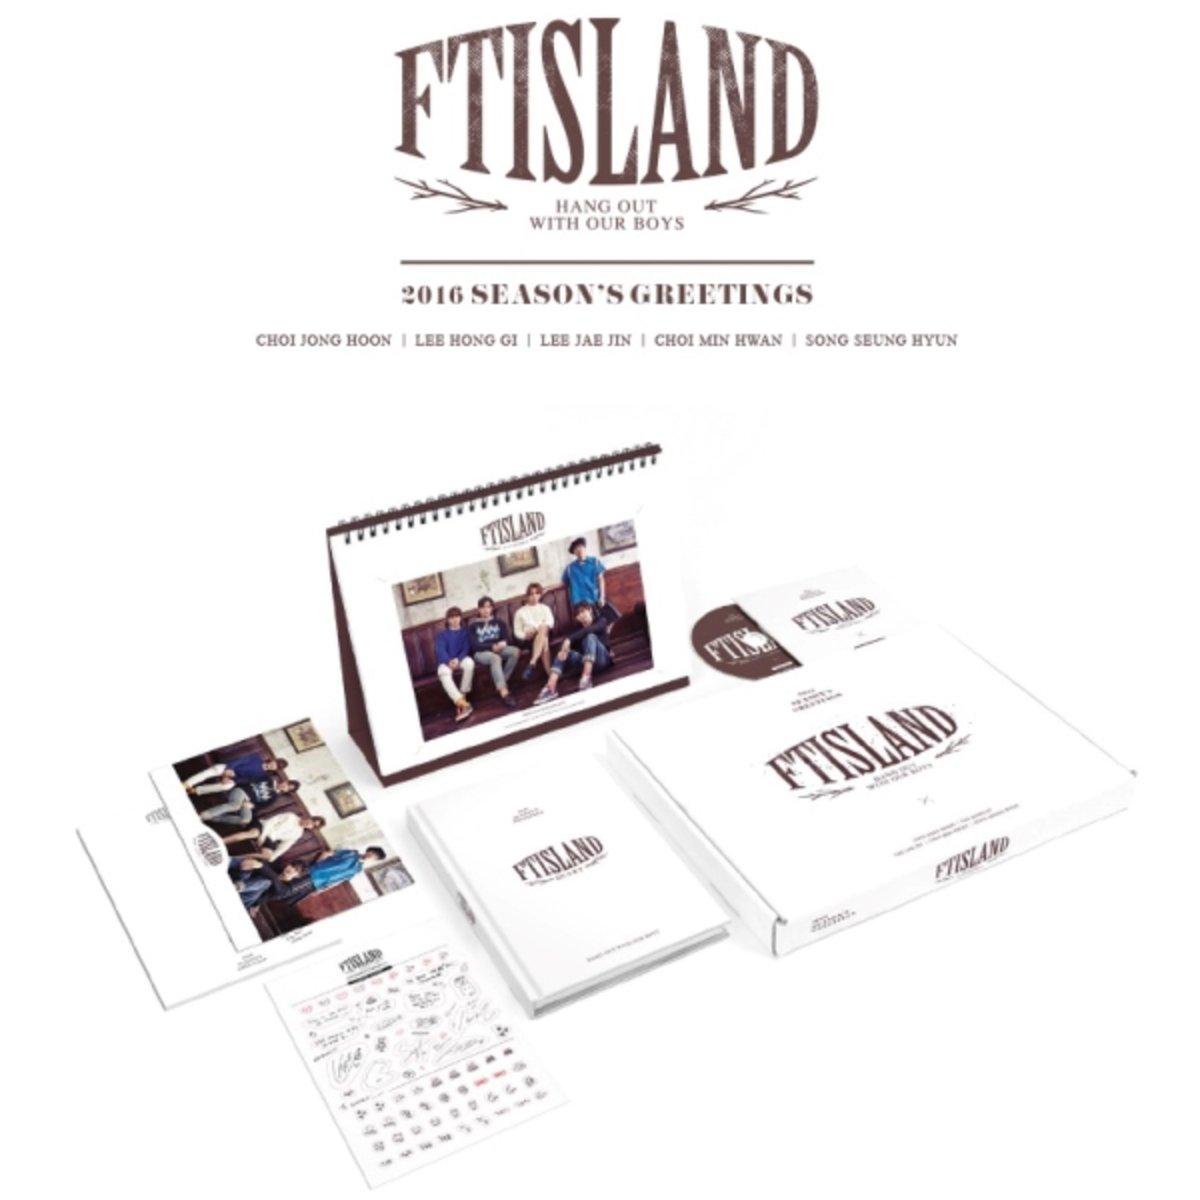 FTISLAND - 2016 年曆